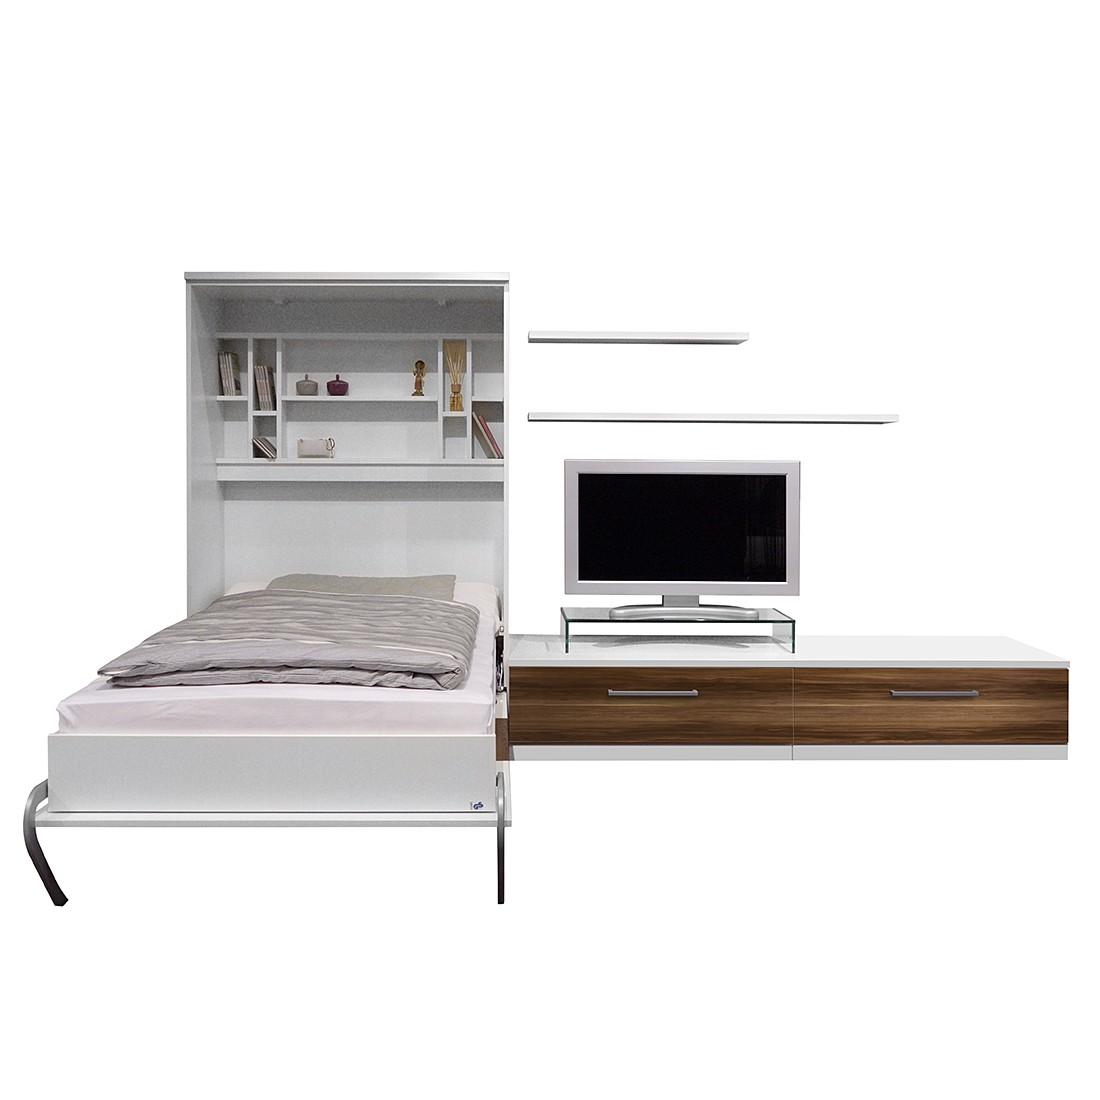 Schrankbett-Kombination Majano - 86 x 205cm - Schaumstoffmatratze - Weiß / Nussbaum Dekor, Modoform